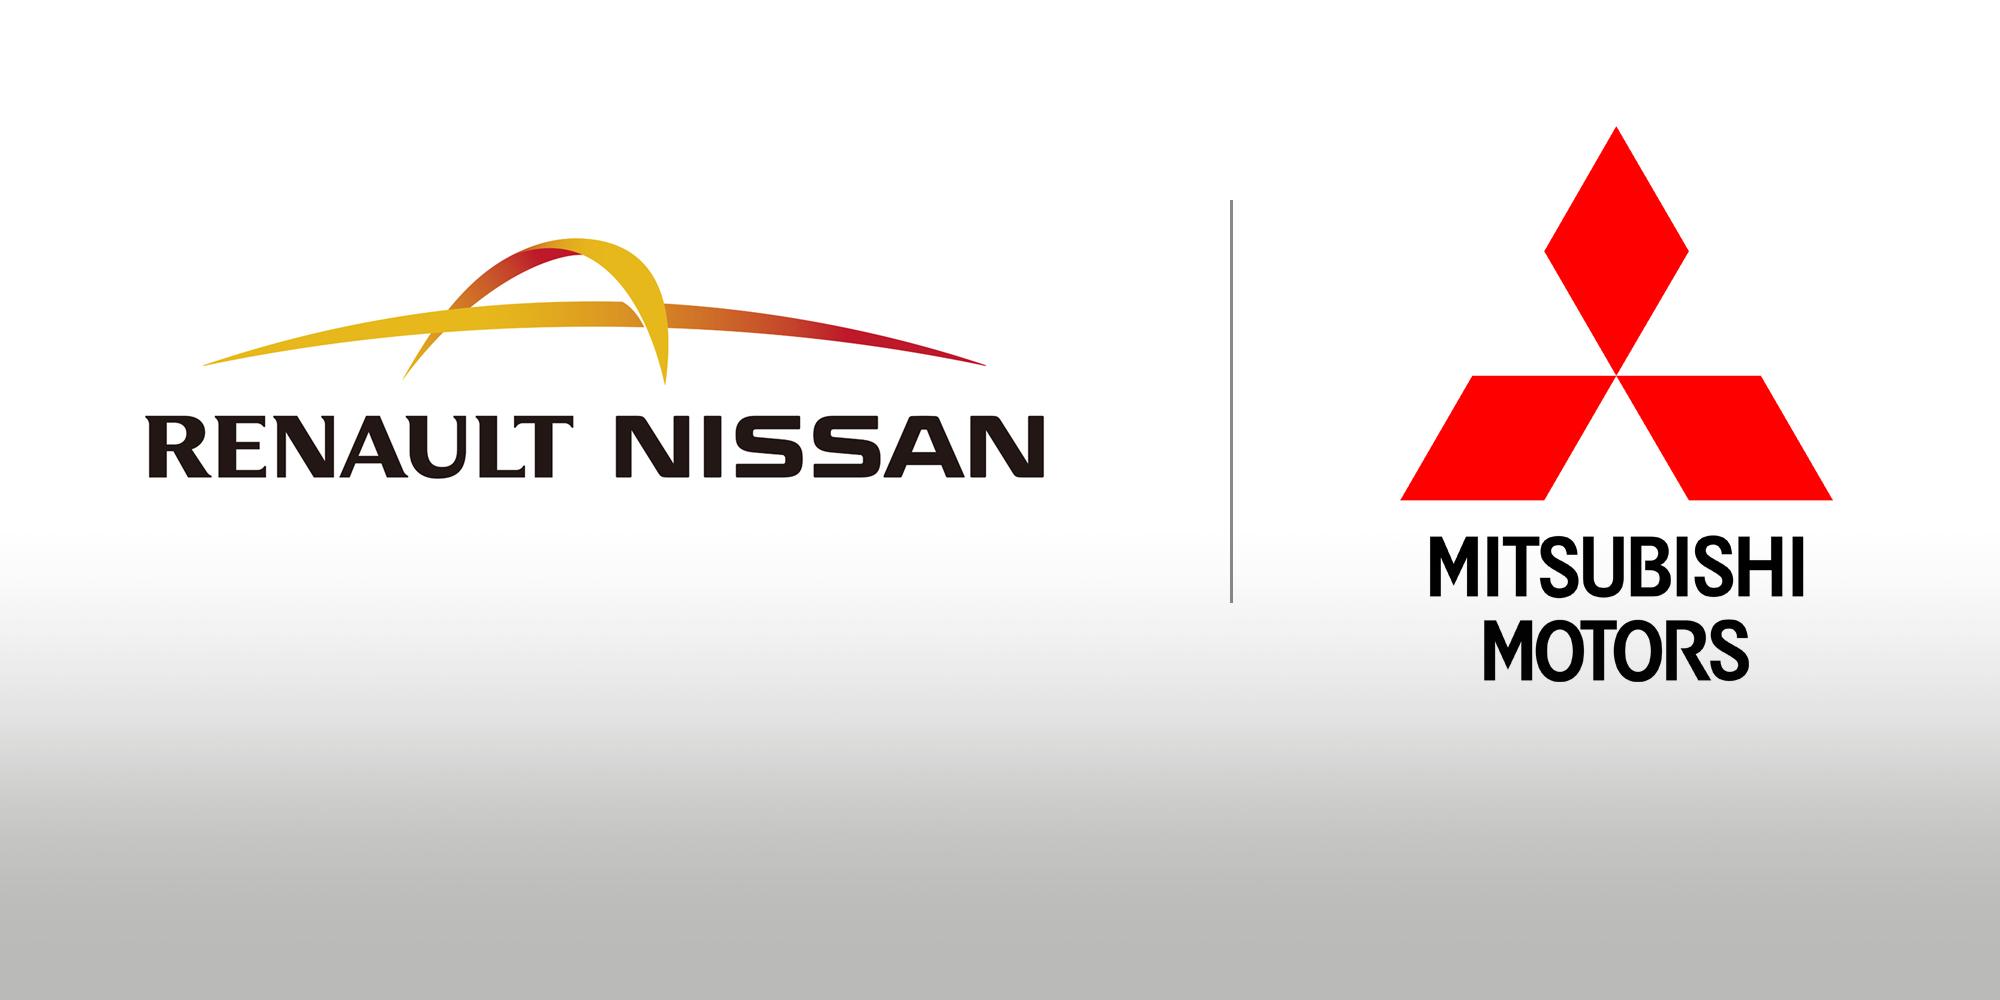 Дали ќе дојде до распад на алијансата Renault-Nissan?!